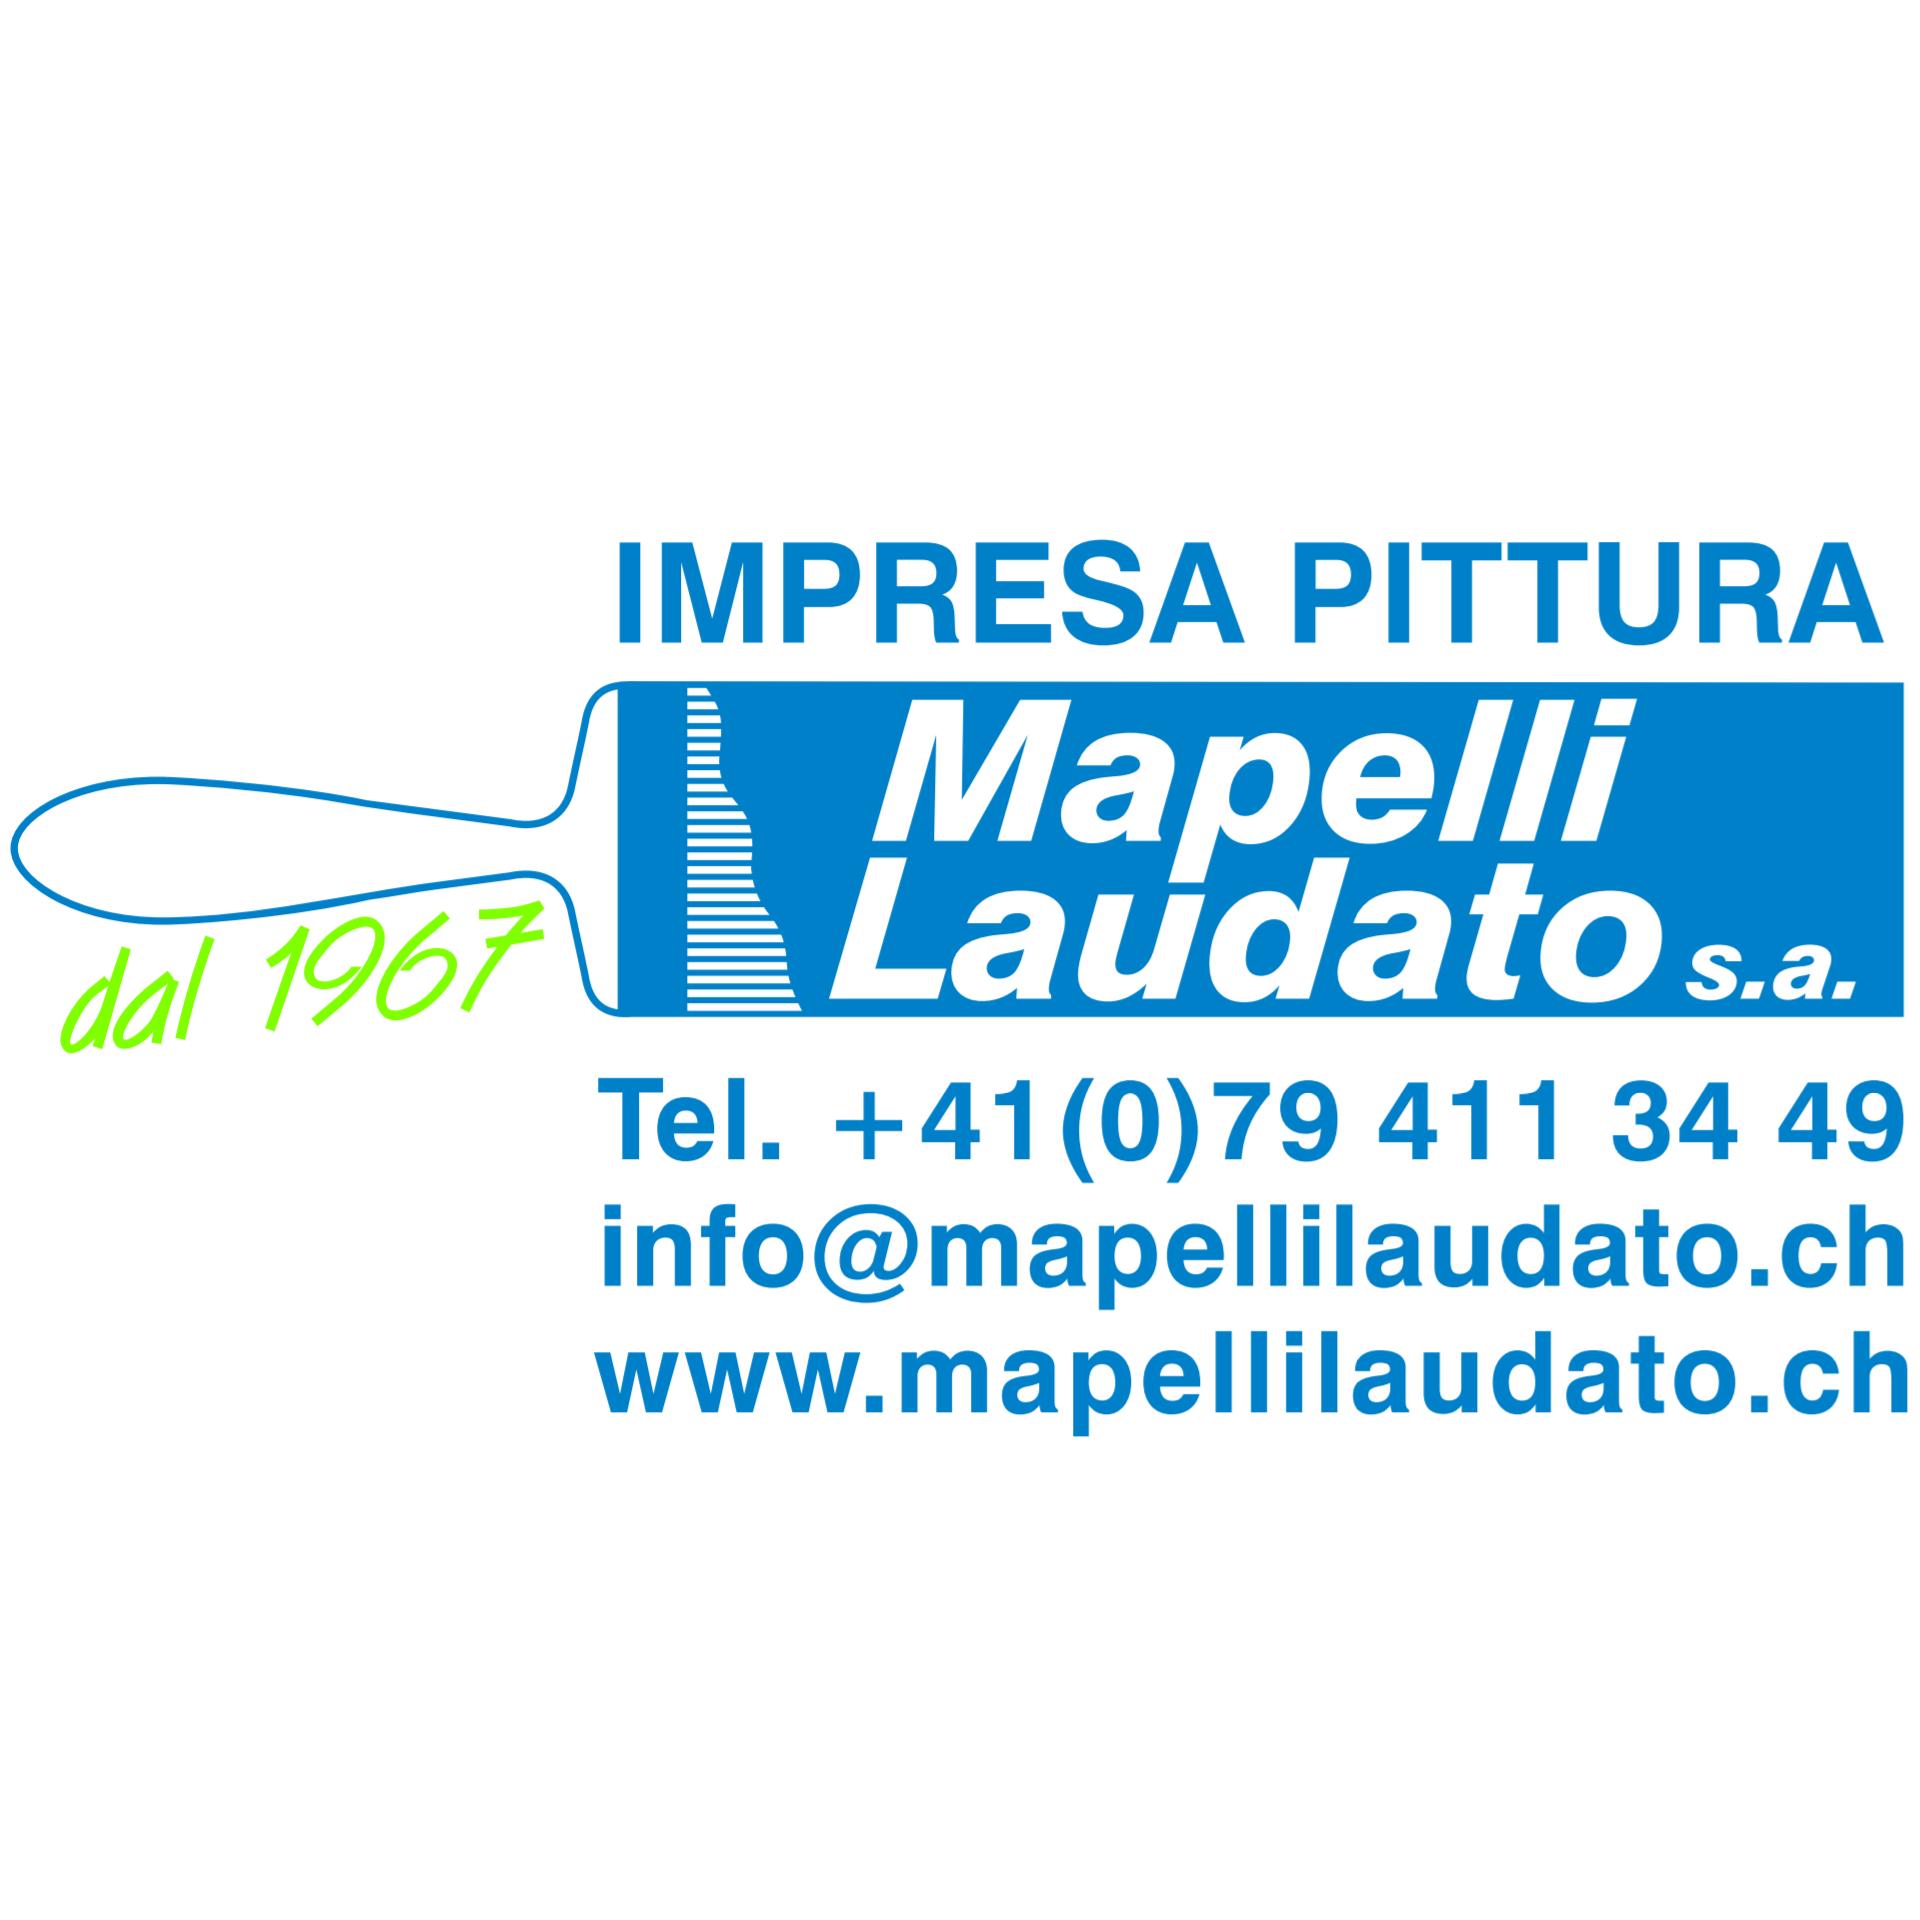 Mapelli Laudato SA